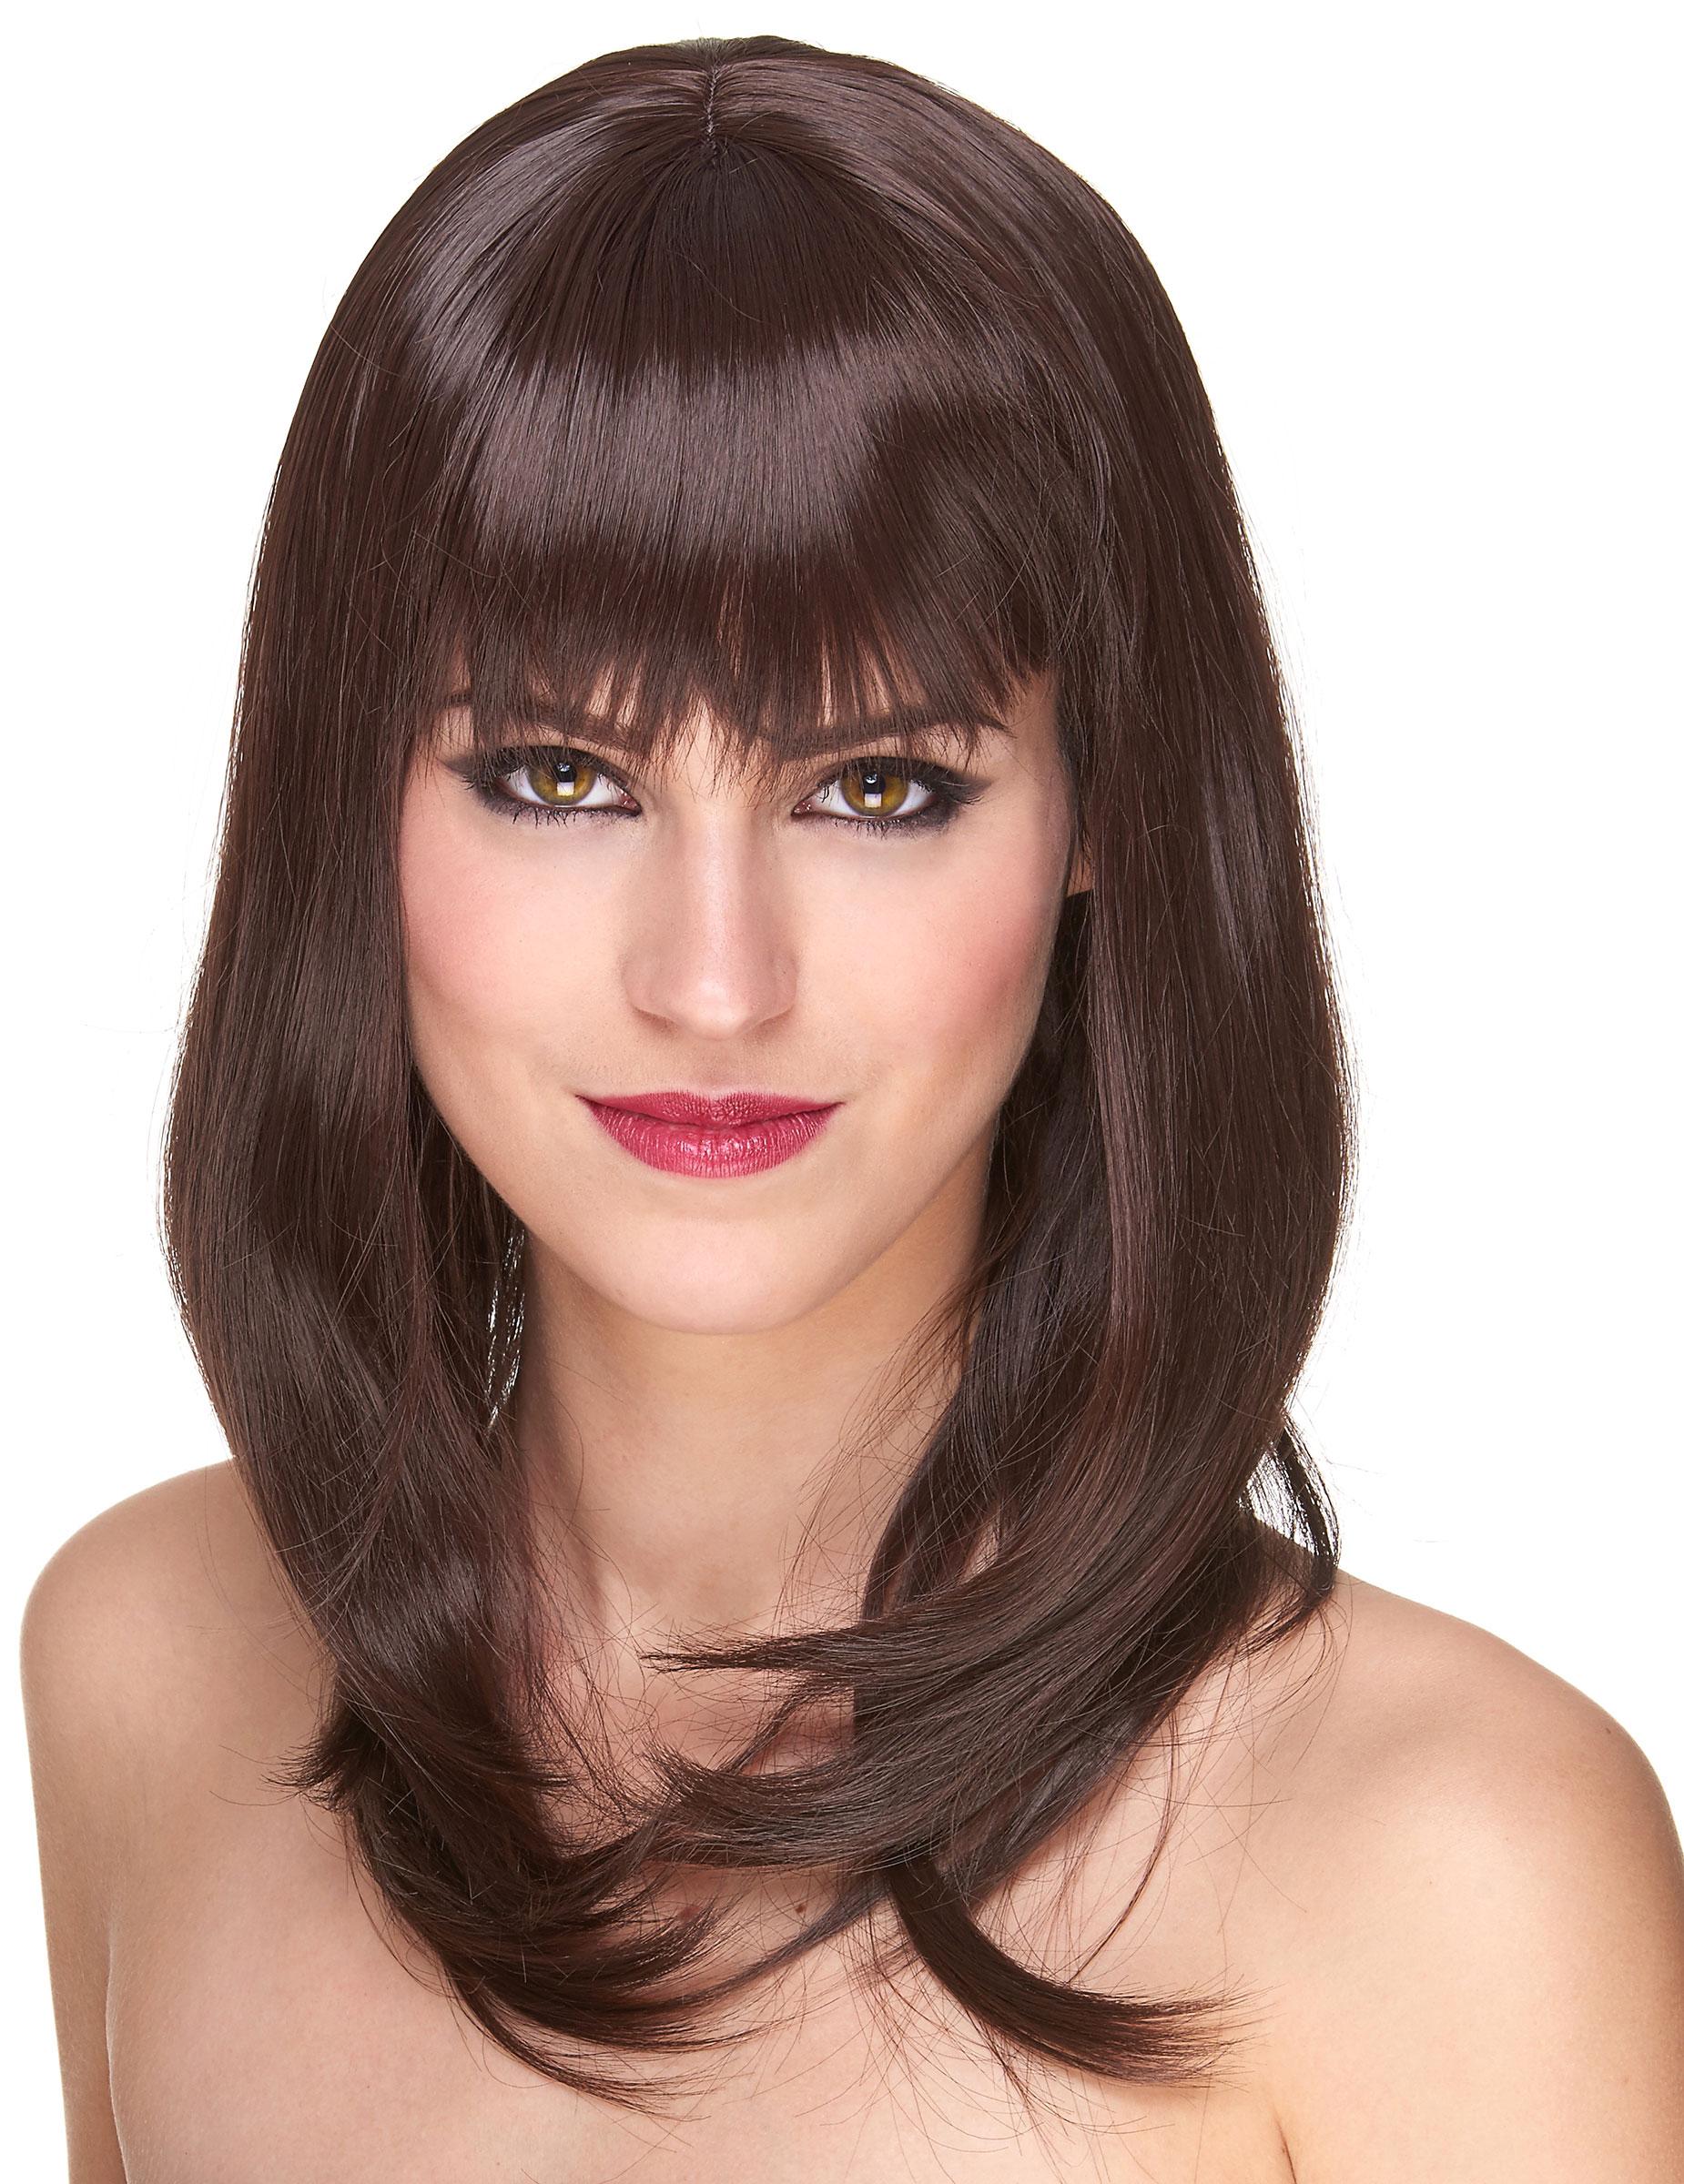 Perruque luxe noir mi-longue femme - 170g : Deguise-toi, achat de Perruques